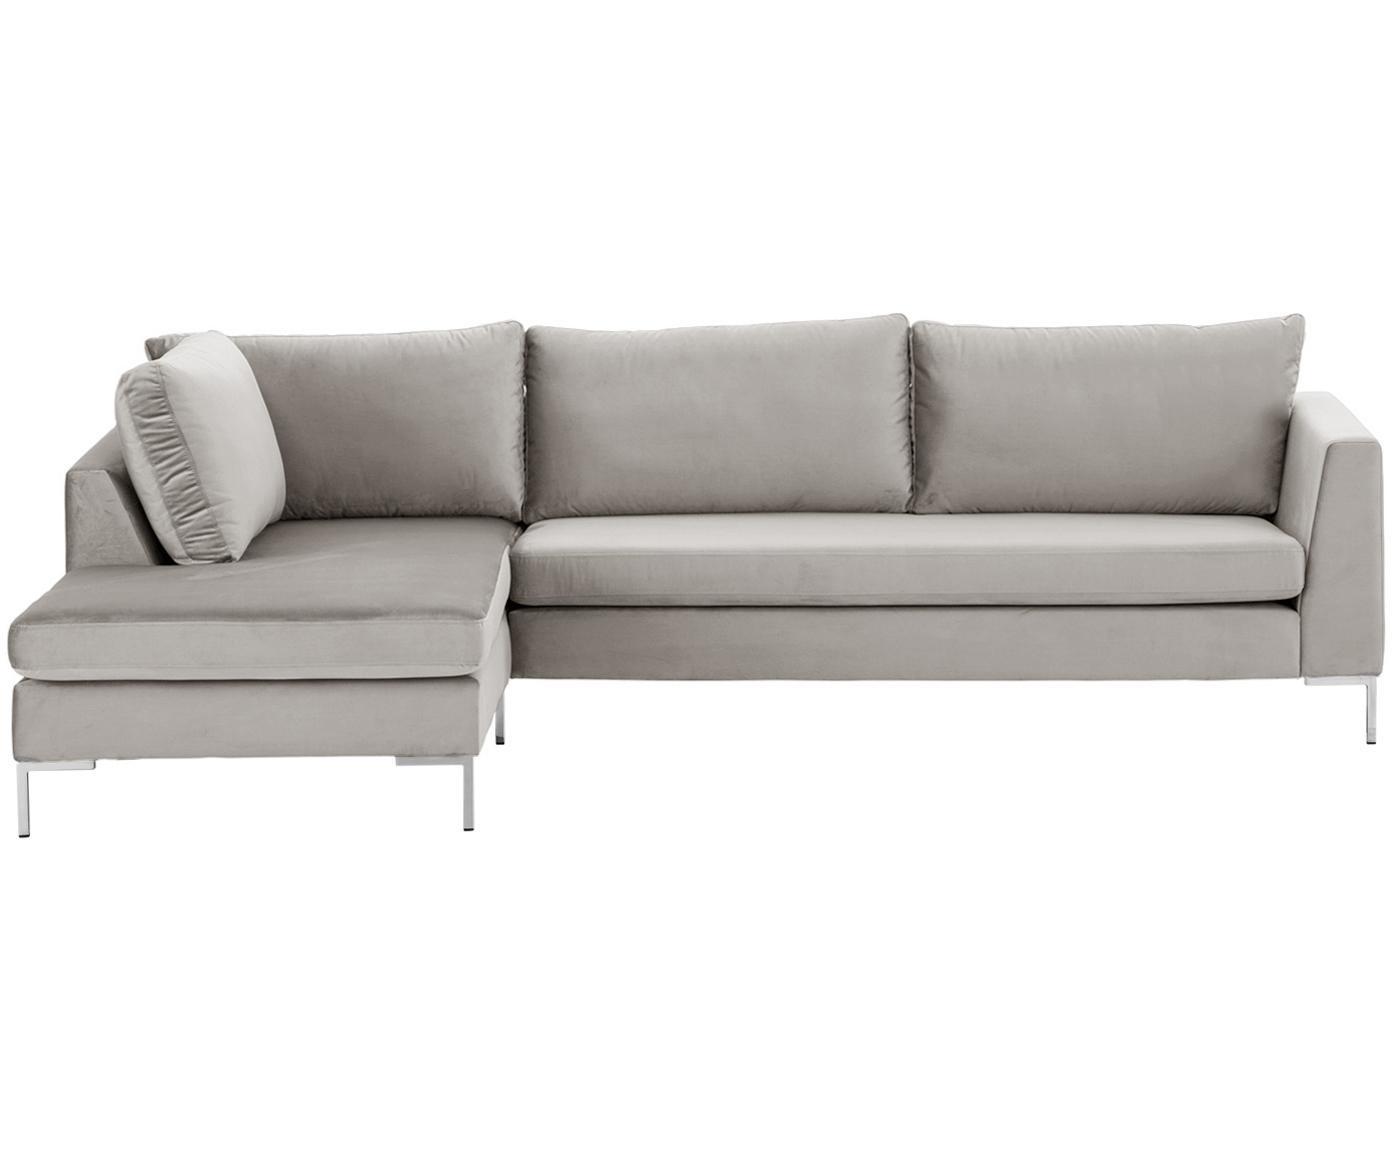 Fluwelen hoekbank Luna, Bekleding: fluweel (polyester), Frame: massief beukenhout, Poten: gegalvaniseerd metaal, Fluweel beige, zilverkleurig, B 280 x D 184 cm